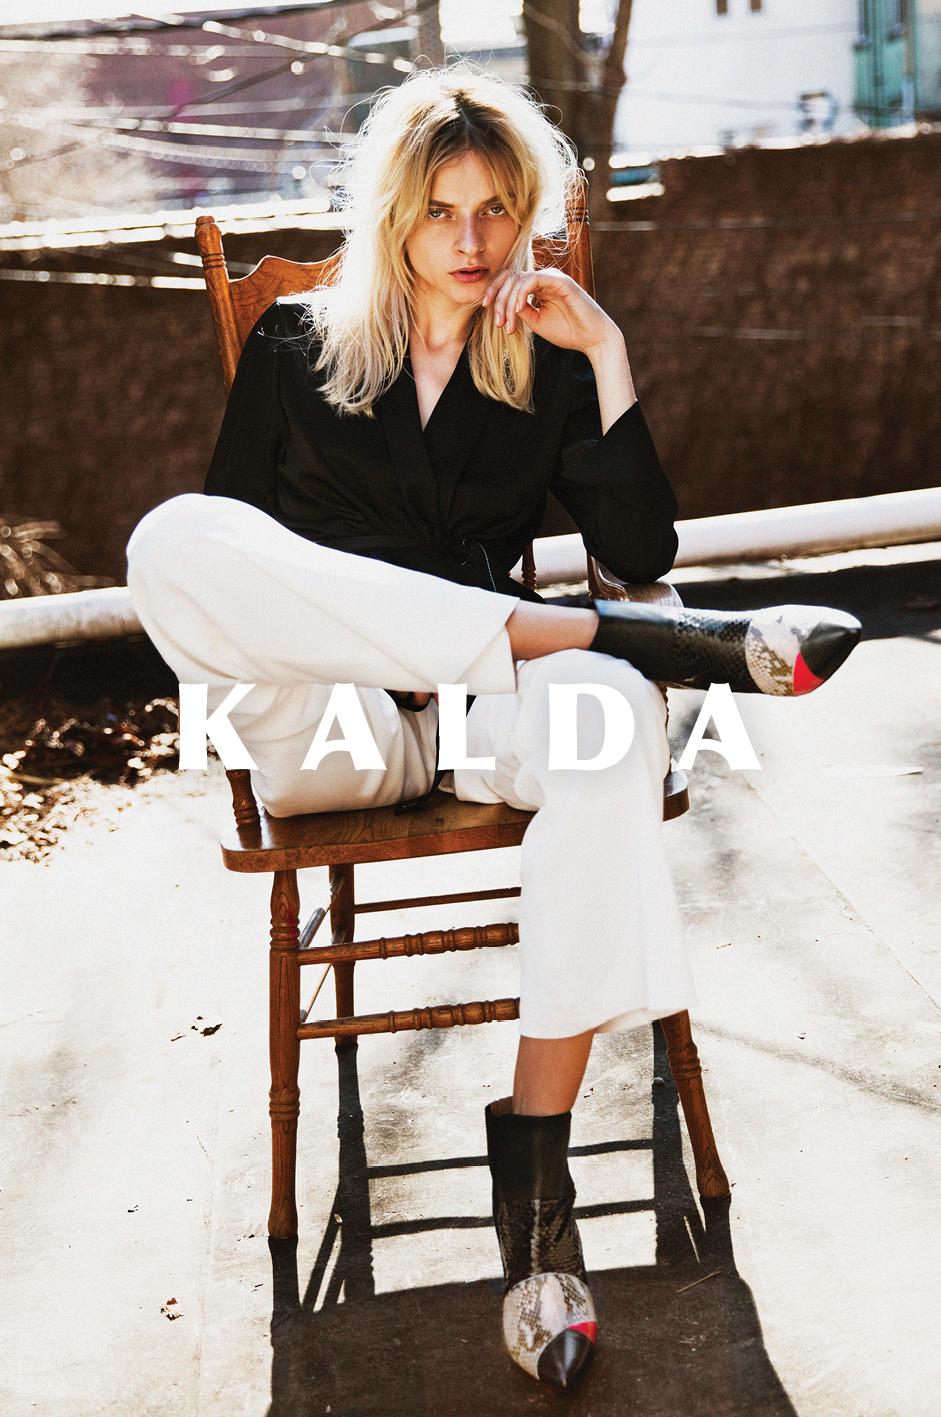 Kalda+social+media44.jpg